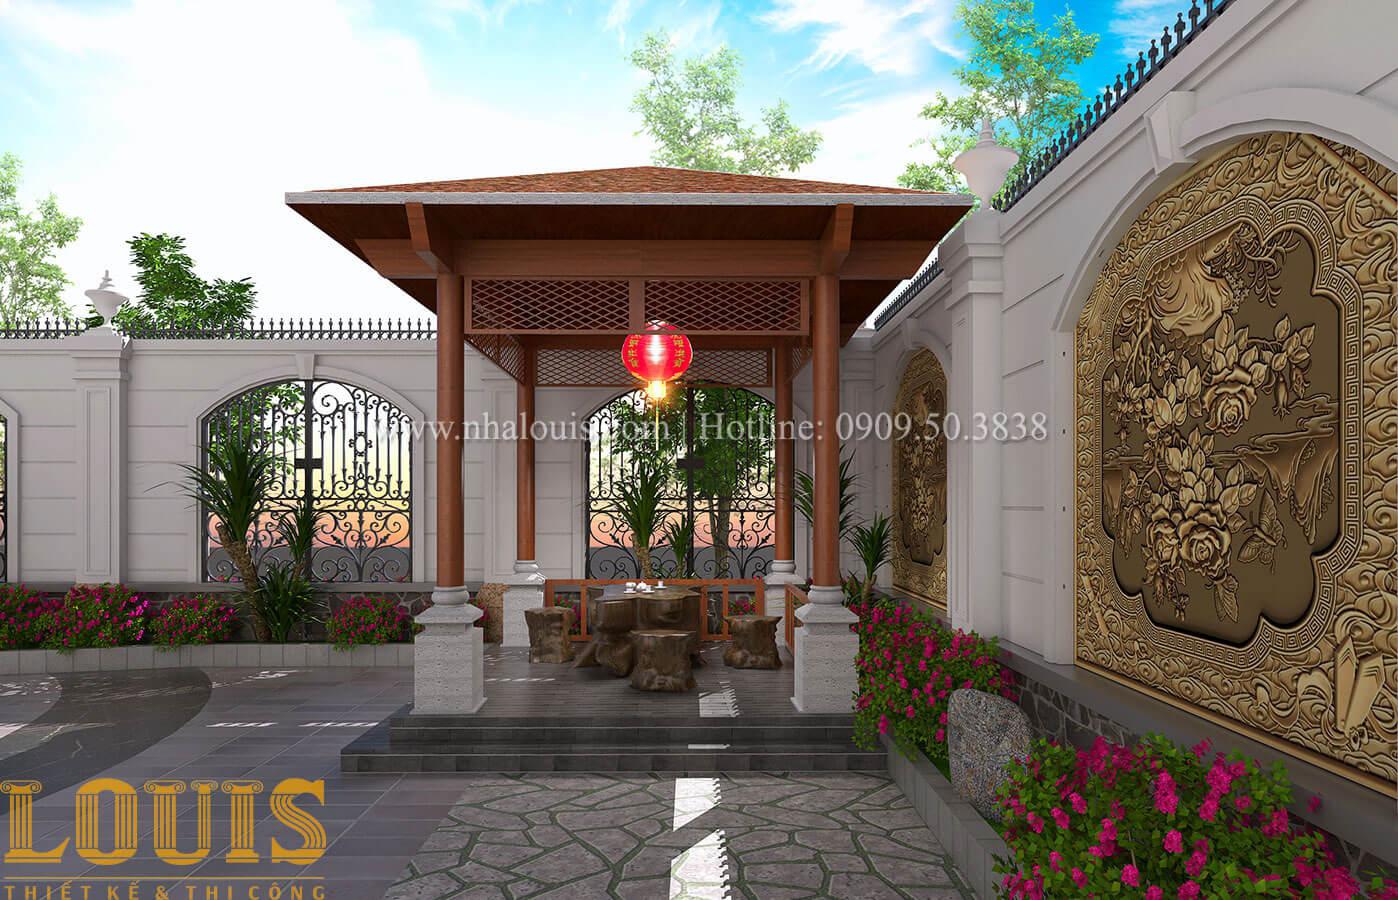 Sân vườn Mẫu nhà biệt thự 3 tầng đẹp thuần khiết tại Bình Dương - 39